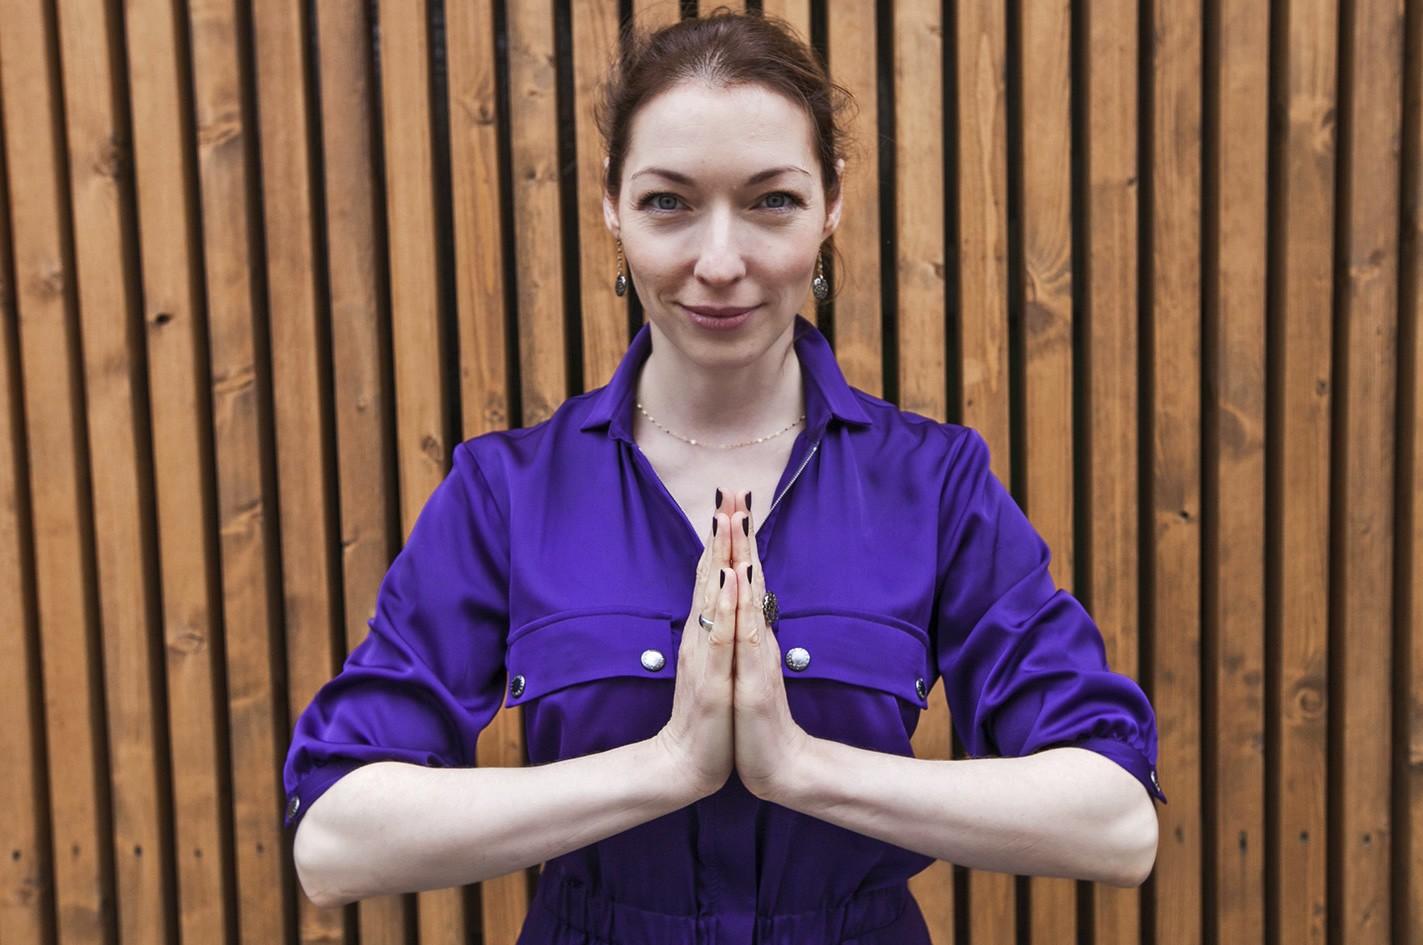 организатор российского ежегодного фестиваля татуировки Ольга Назимова